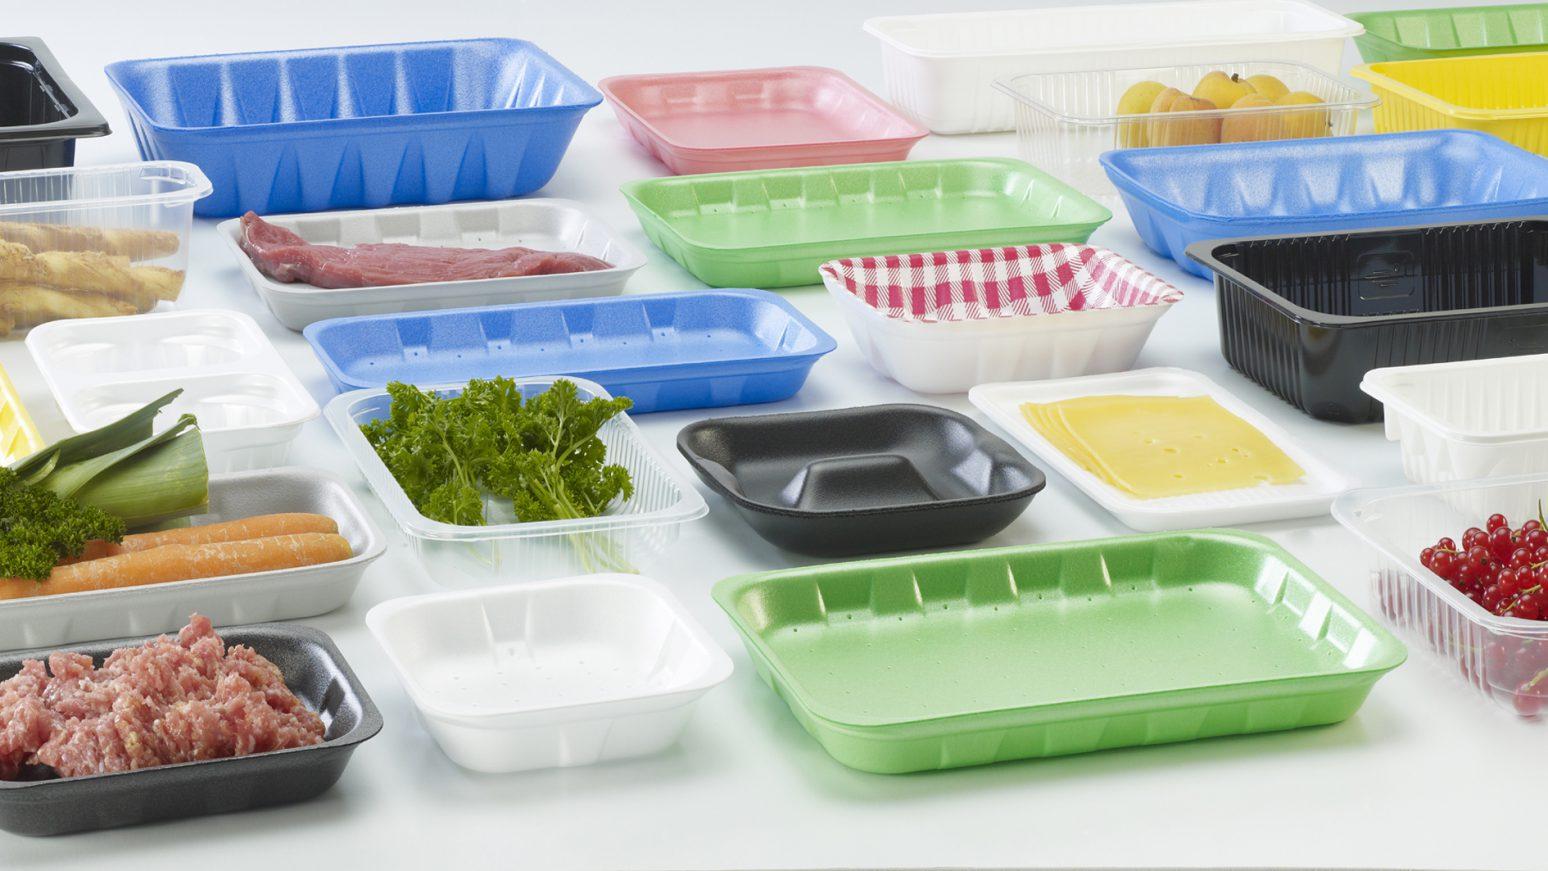 Hướng dẫn chi tiết thủ tục tự công bố Khay nhựa đựng thực phẩm chính xác